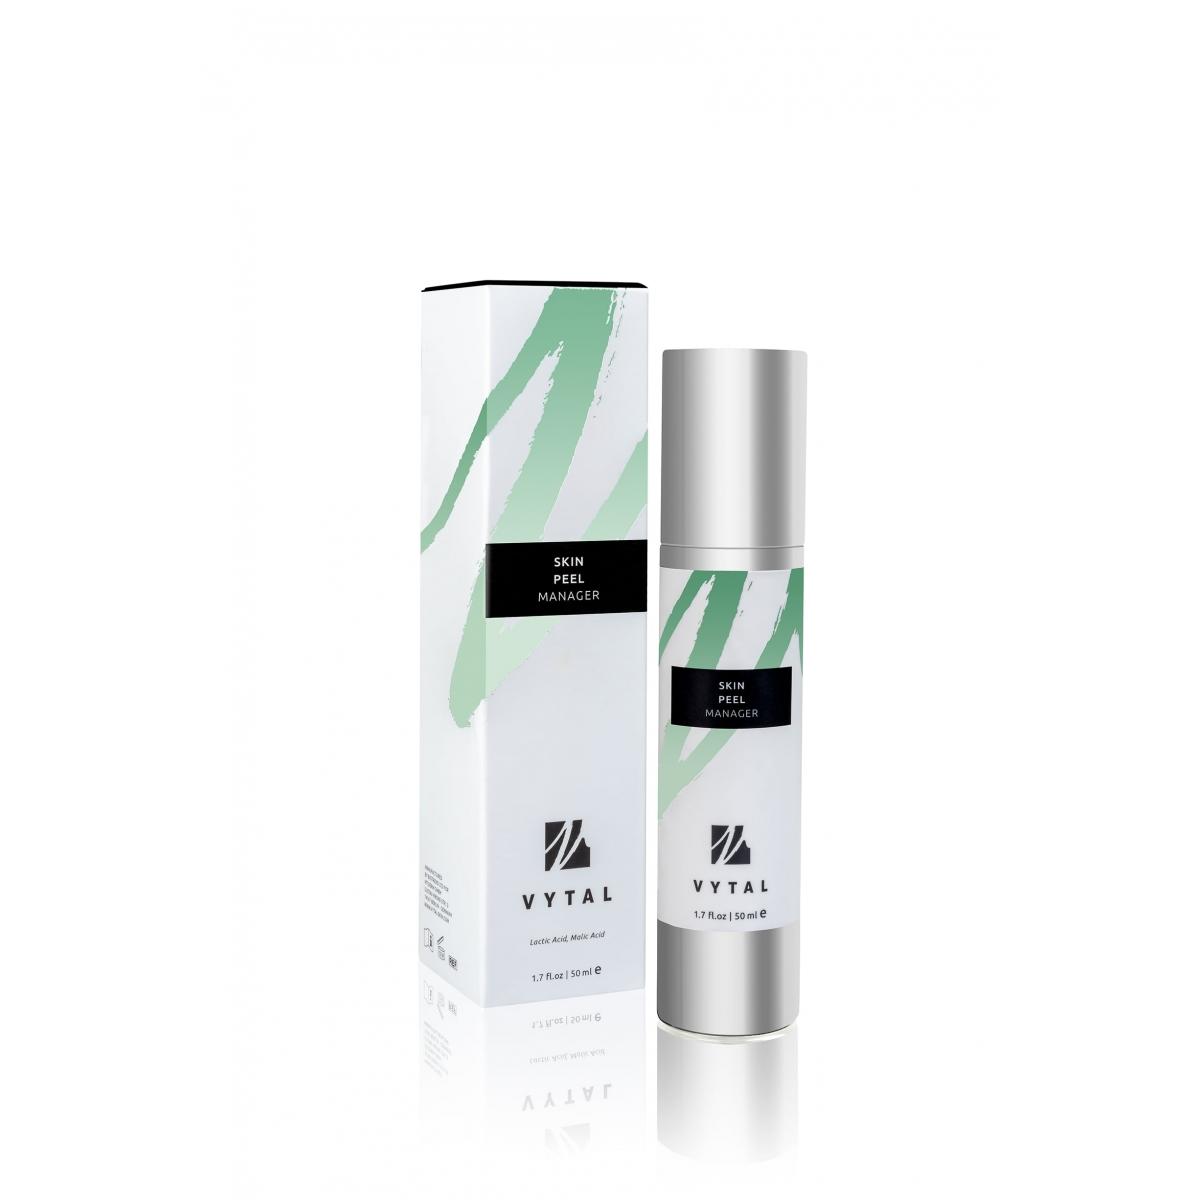 Vytal Skin - Vytal Skin - SKIN PEEL MANAGER (50 ml)